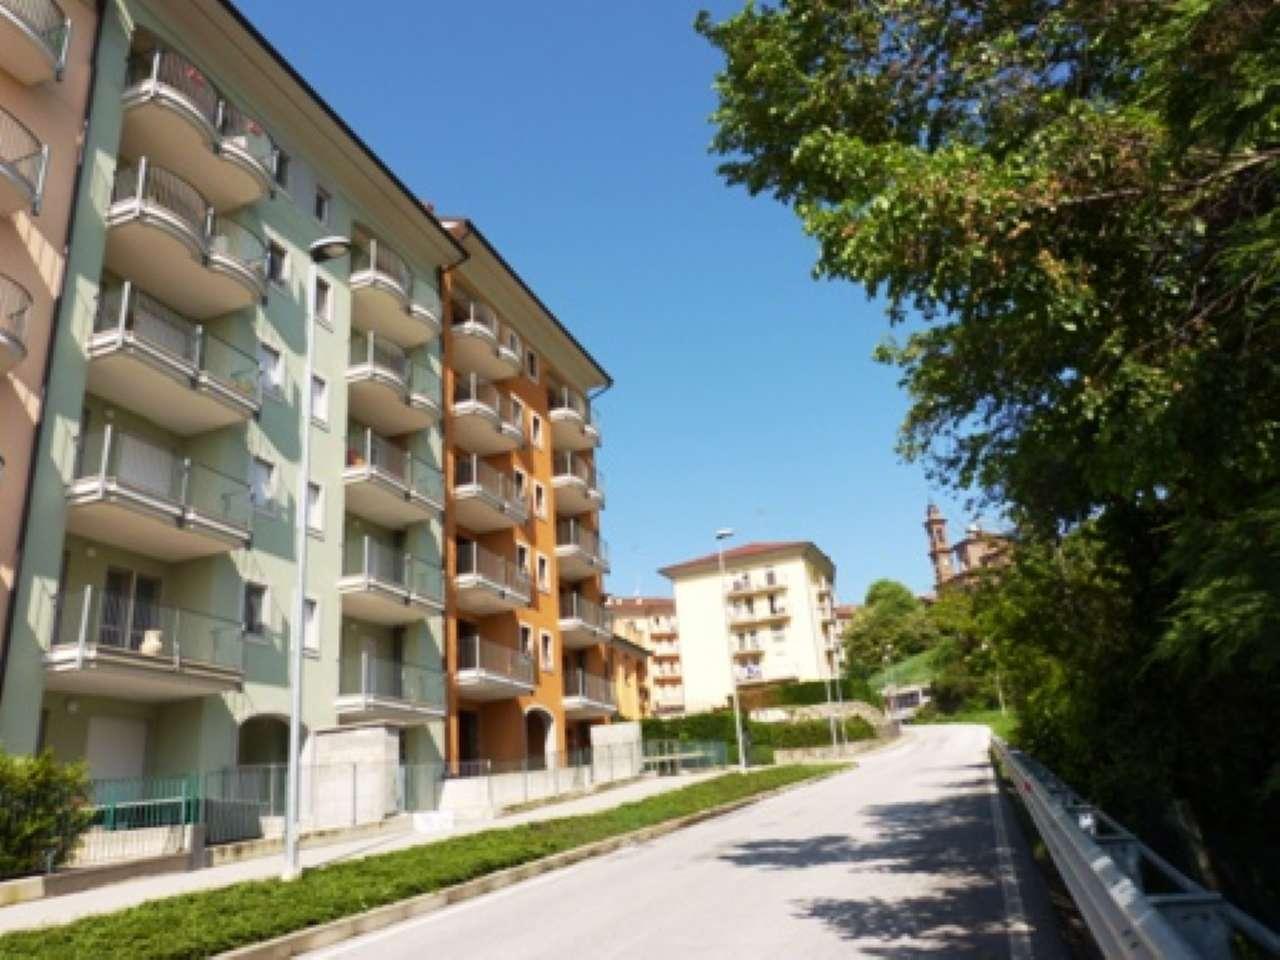 Appartamento in vendita a Fossano, 3 locali, prezzo € 164.000 | CambioCasa.it